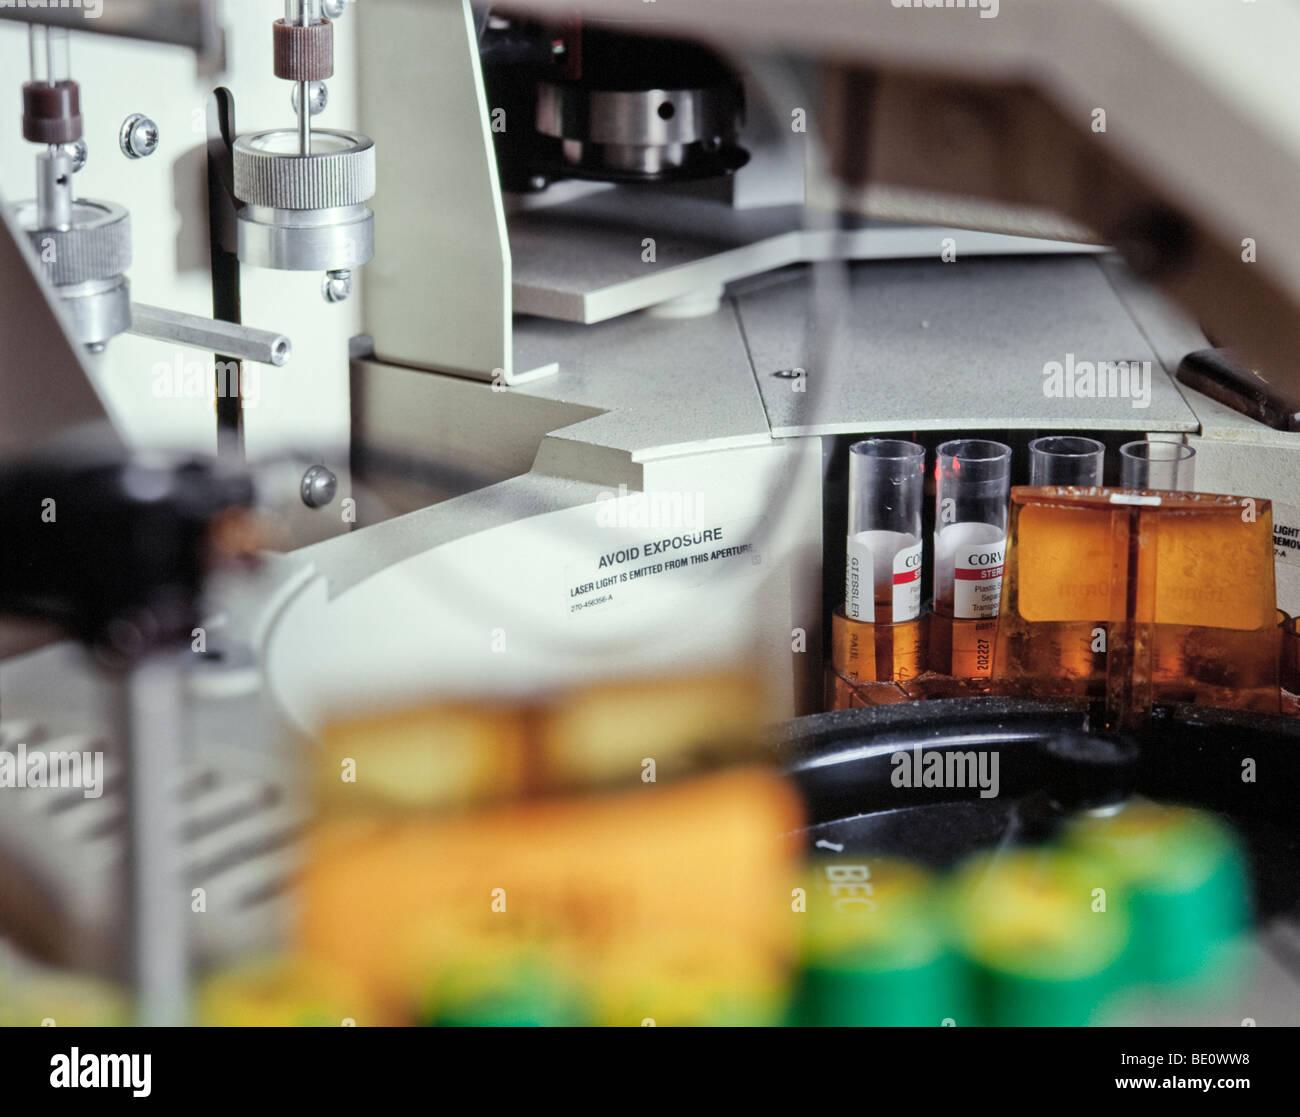 Par test sanguin matériel médical Photo Stock